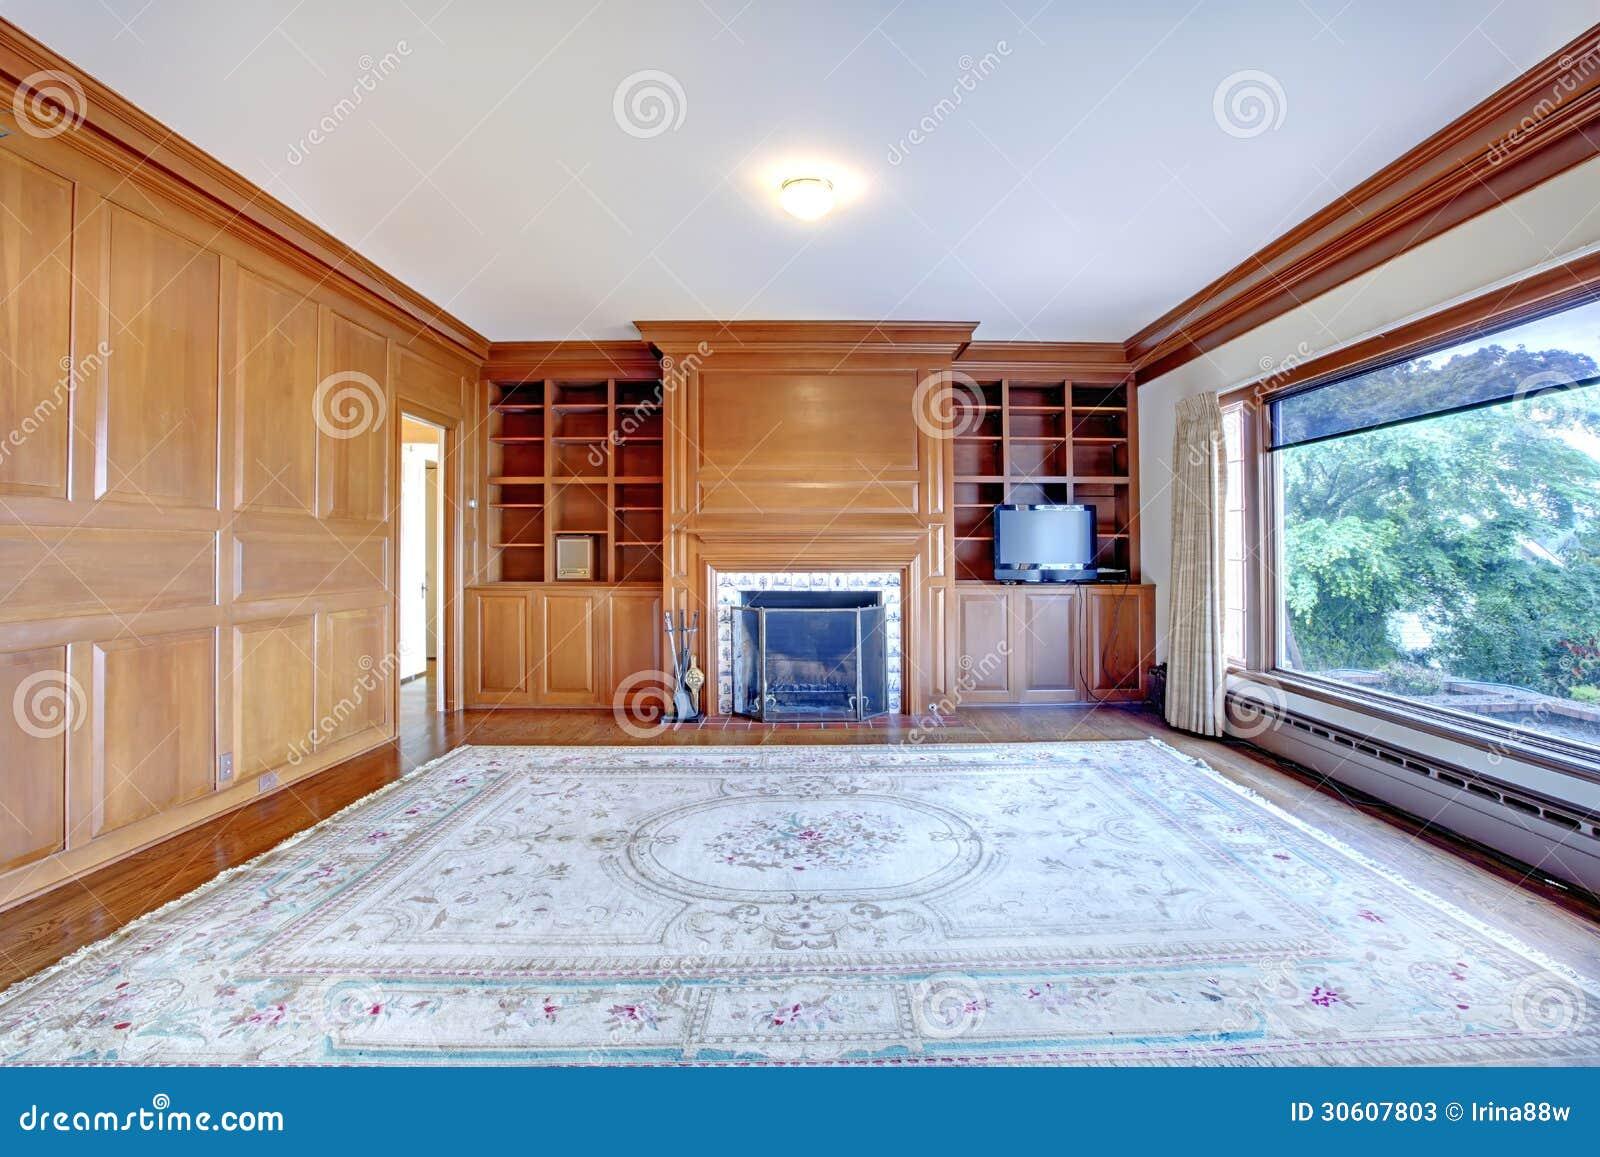 Huisbureau met open haard en houten muren in huis van luxe het oude ameican stock afbeelding for Huis open haard mantel